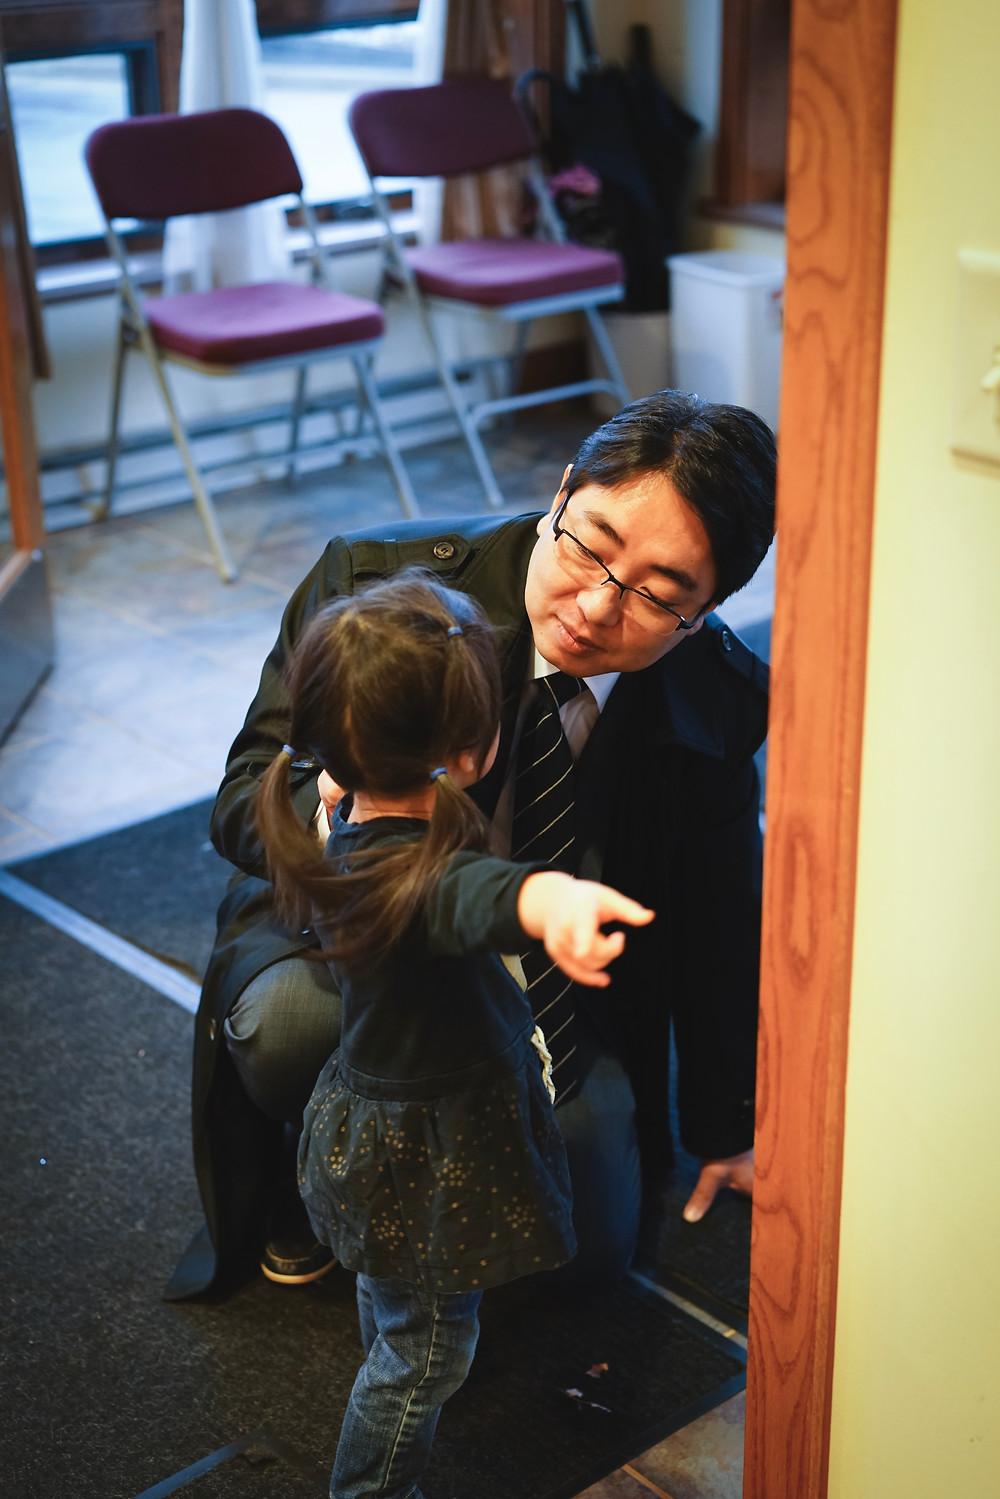 이대섭 목사님은 항상 아이들의 눈높이에서 사랑으로 돌보십니다.